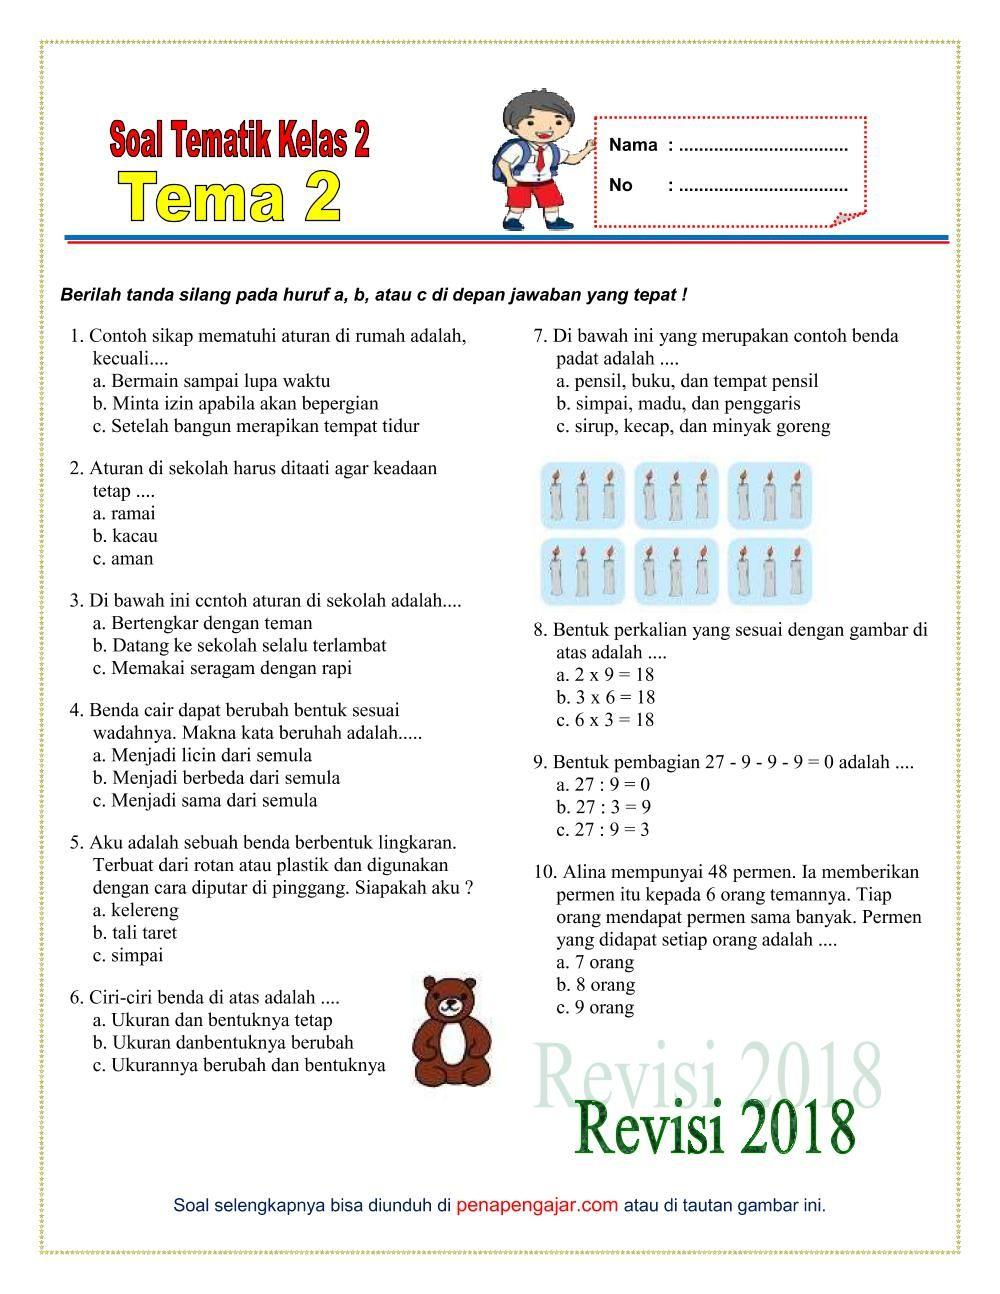 Soal Tema 2 Kelas 2 Semester 1 Kurikulum 2013 Revisi 2018 Matematika Kelas 5 Kurikulum Tema Kelas